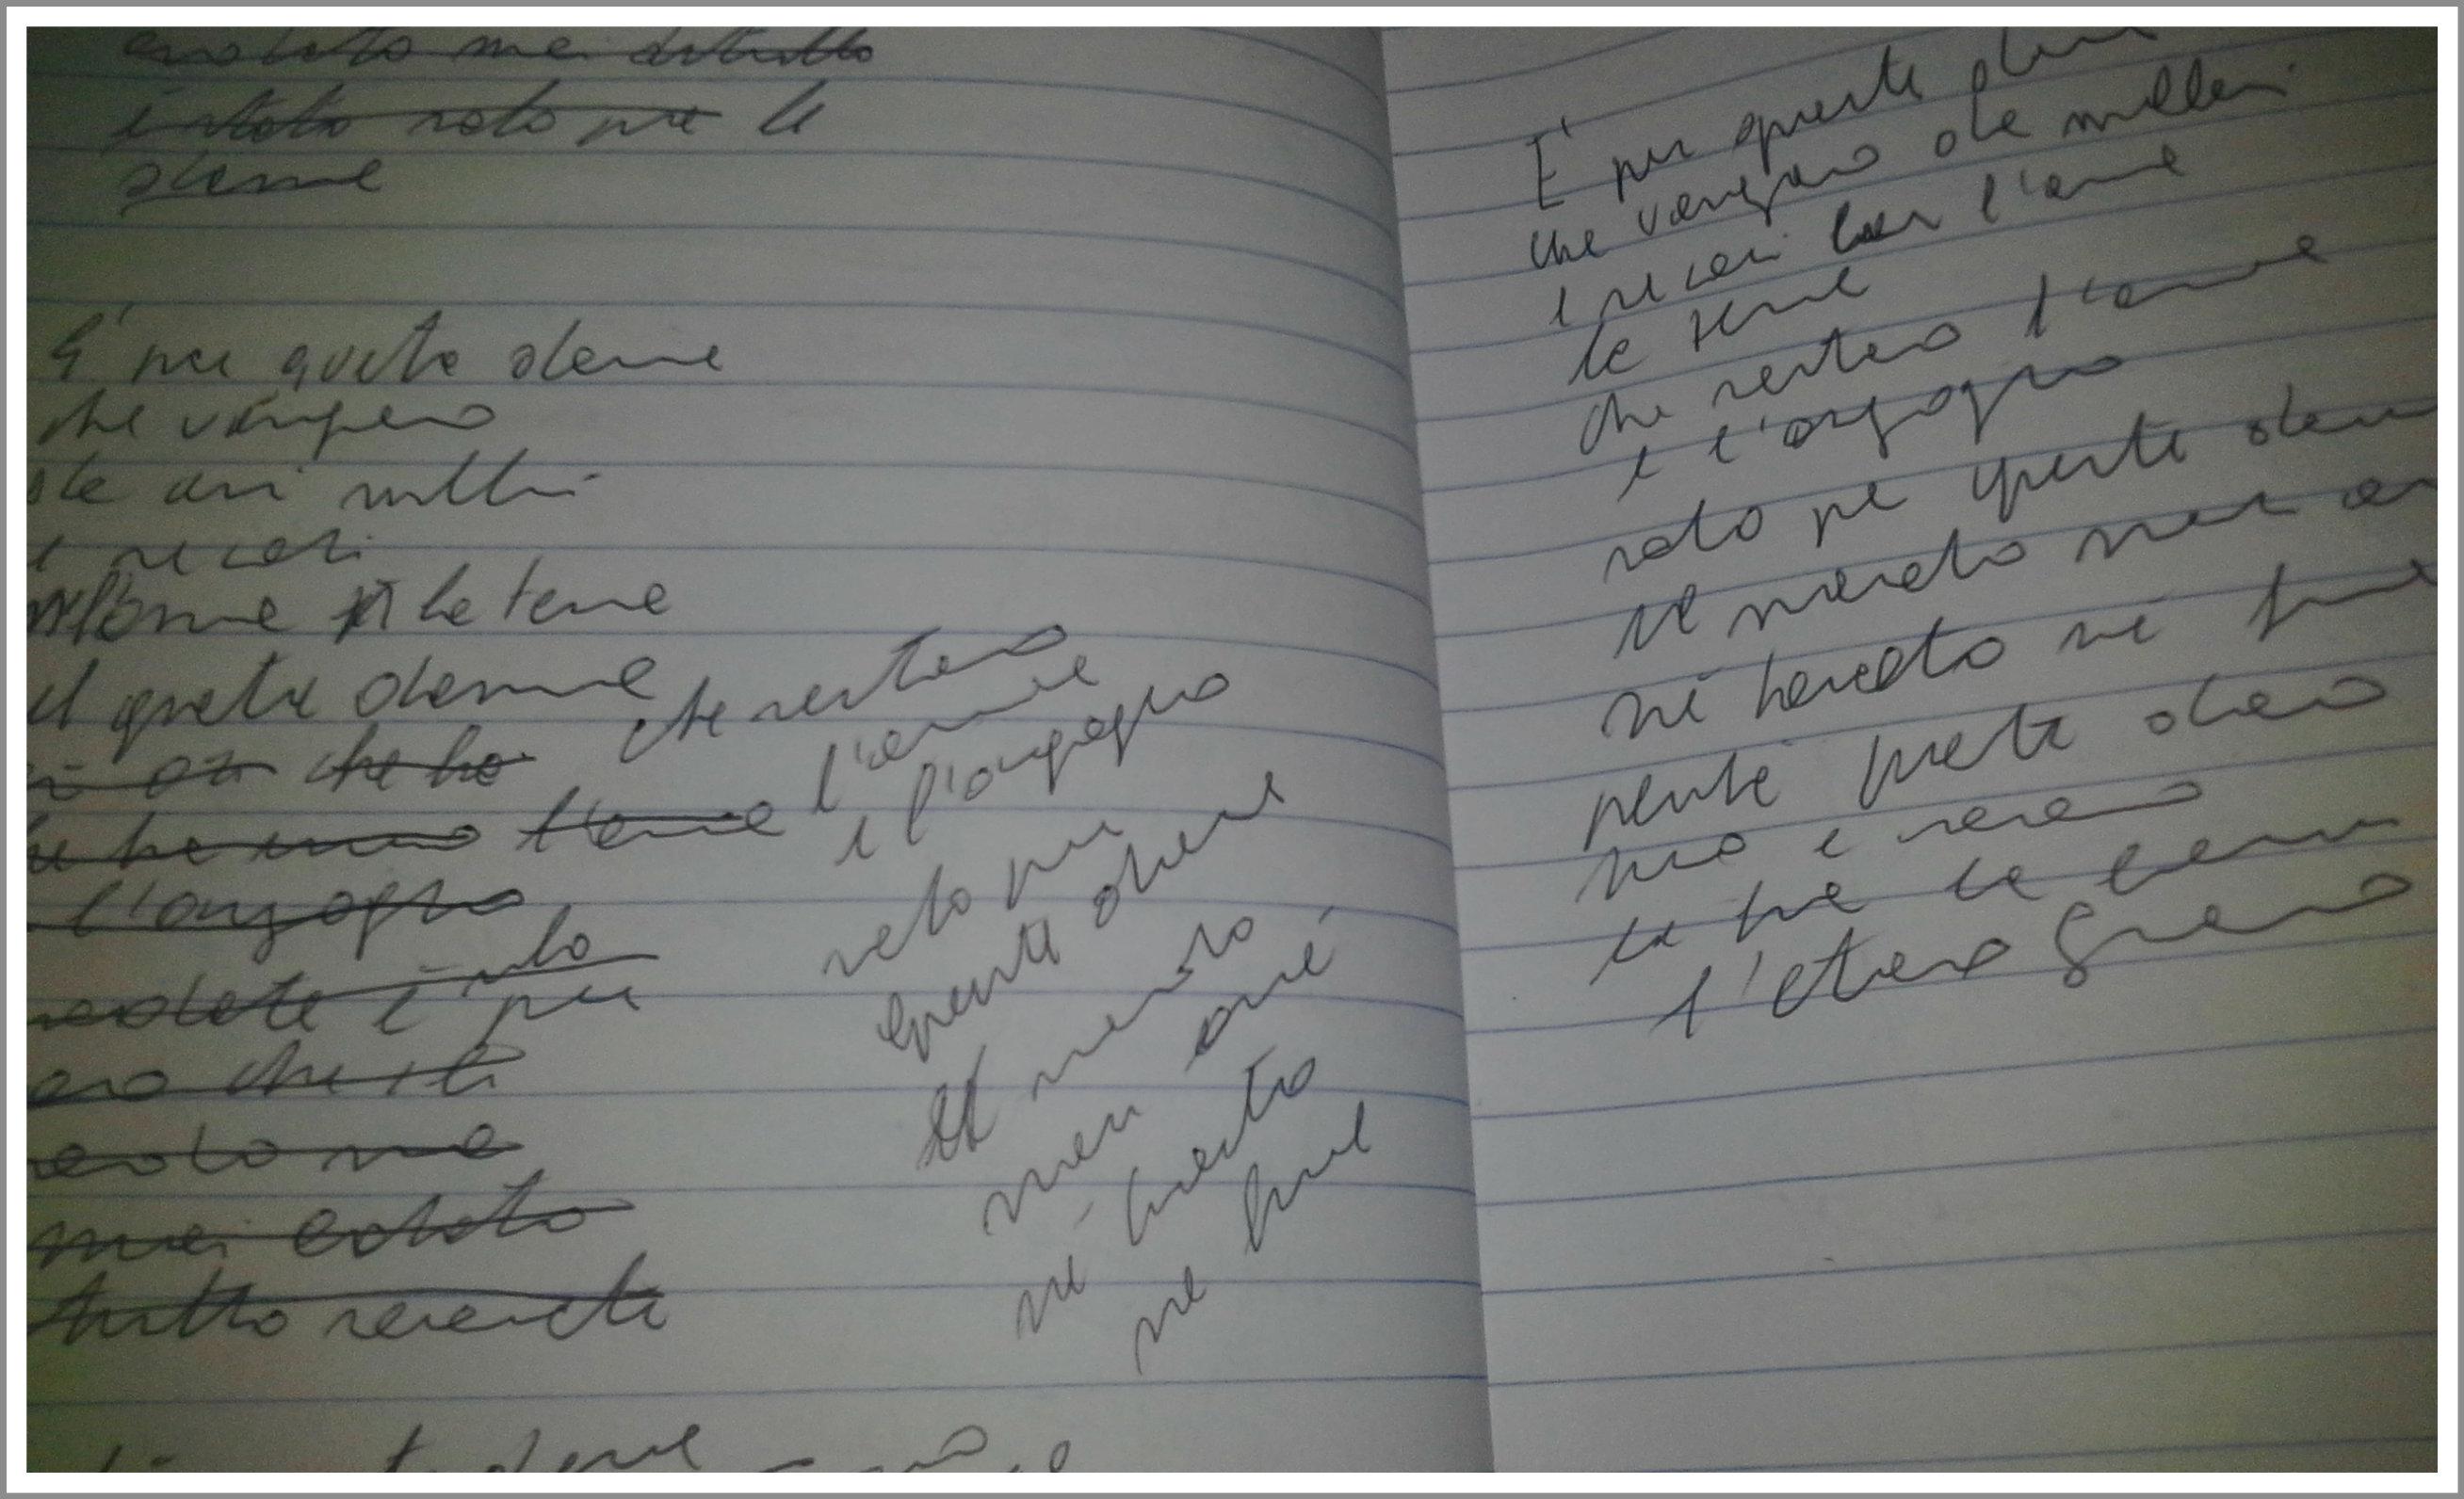 autografo inedito per una passante nuova edizione